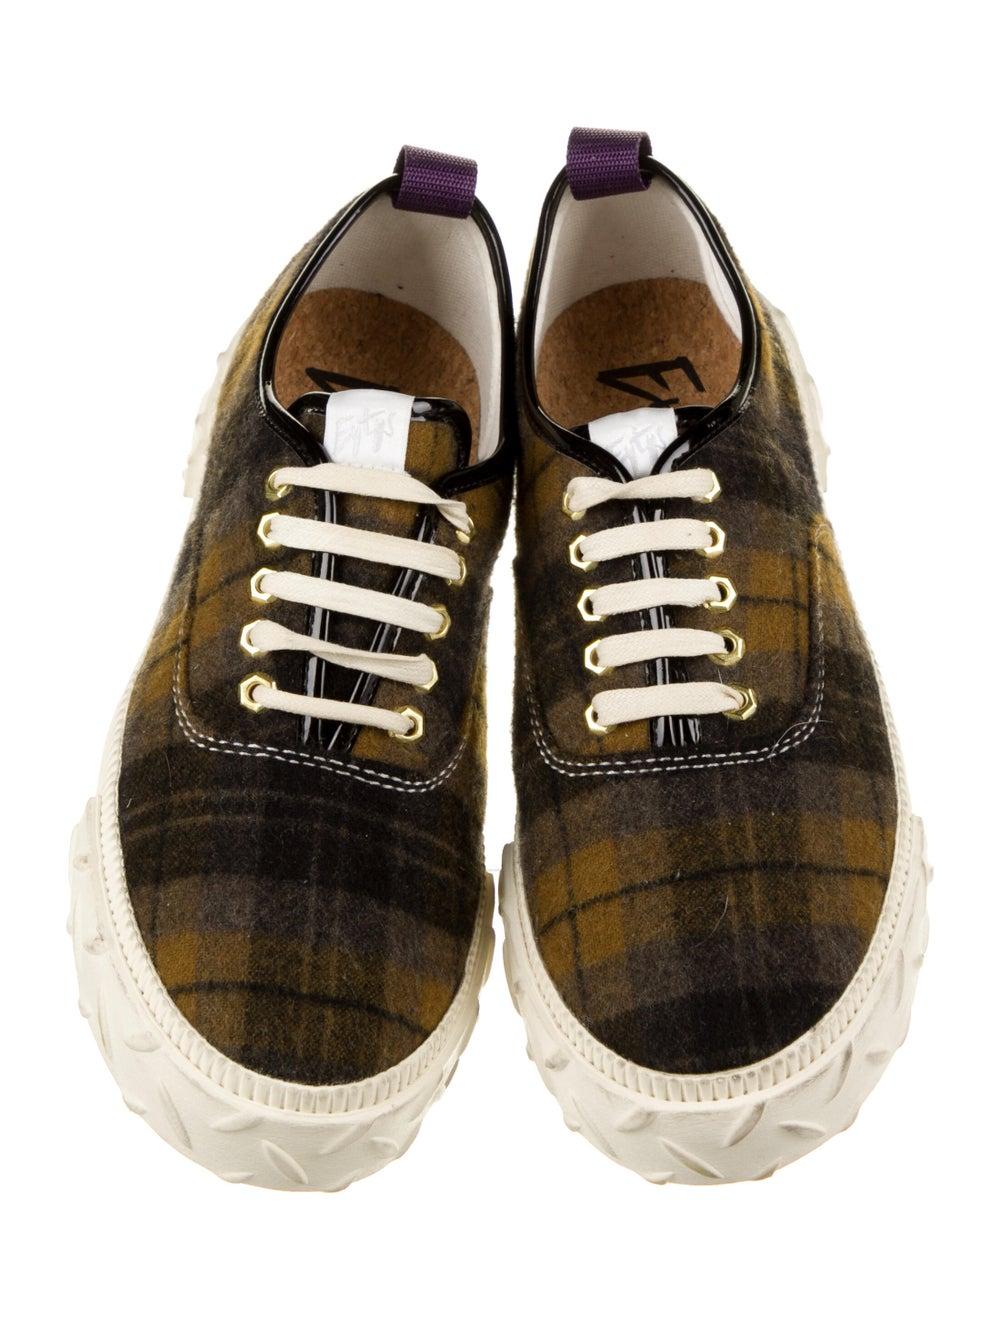 Eytys Plaid Print Sneakers Black - image 3